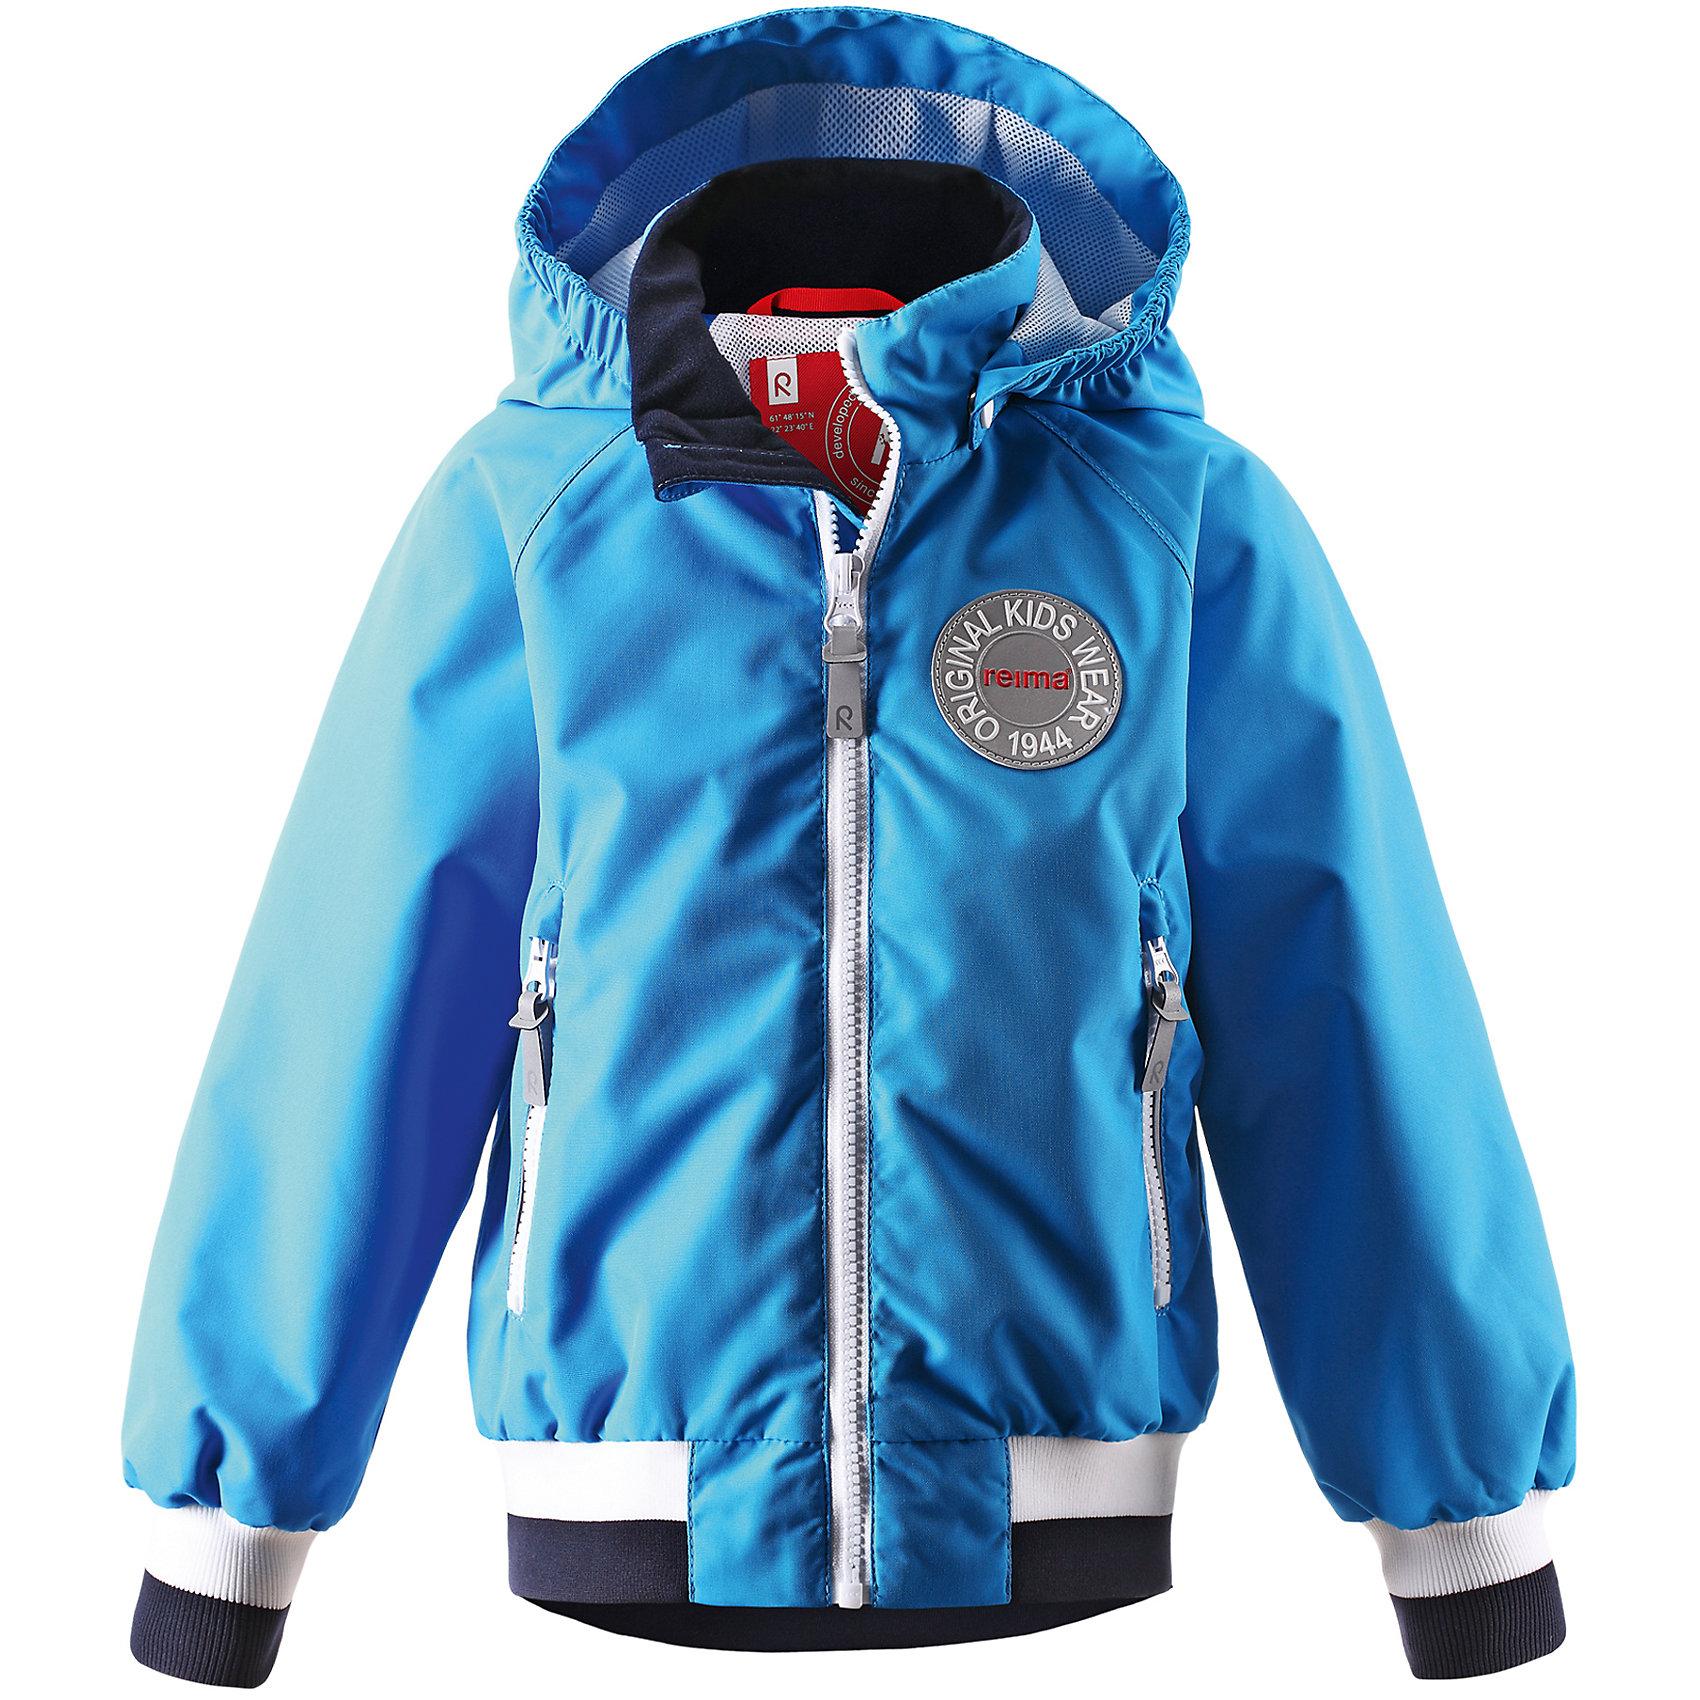 Куртка ReimaКуртка от финской марки Reima.<br>Куртка демисезонная для подростков. Основные швы проклеены и не пропускают влагу. Водоотталкивающий, ветронепроницаемый, «дышащий» и грязеотталкивающий материал. Подкладка из mesh-сетки. Безопасный, съемный капюшон. Приятная на ощупь резинка на манжетах и подоле. Два кармана на молнии. Безопасные светоотражающие детали.<br>Состав:<br>100% ПЭ, ПУ-покрытие<br><br>Ширина мм: 356<br>Глубина мм: 10<br>Высота мм: 245<br>Вес г: 519<br>Цвет: голубой<br>Возраст от месяцев: 96<br>Возраст до месяцев: 108<br>Пол: Унисекс<br>Возраст: Детский<br>Размер: 134,146,128,140,152<br>SKU: 4653218